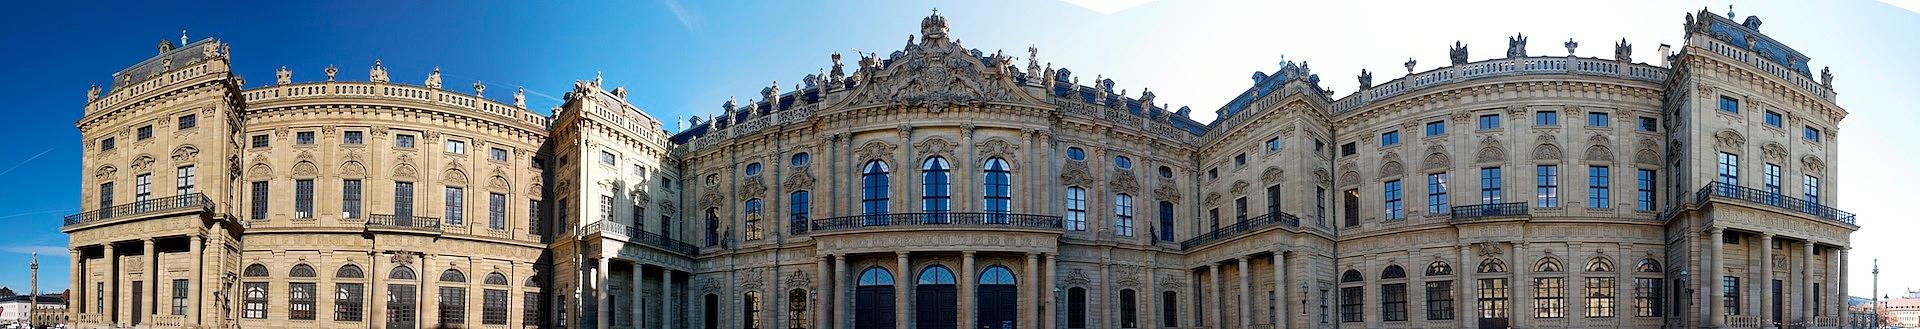 Ehrenhof der Residenz Würzburg